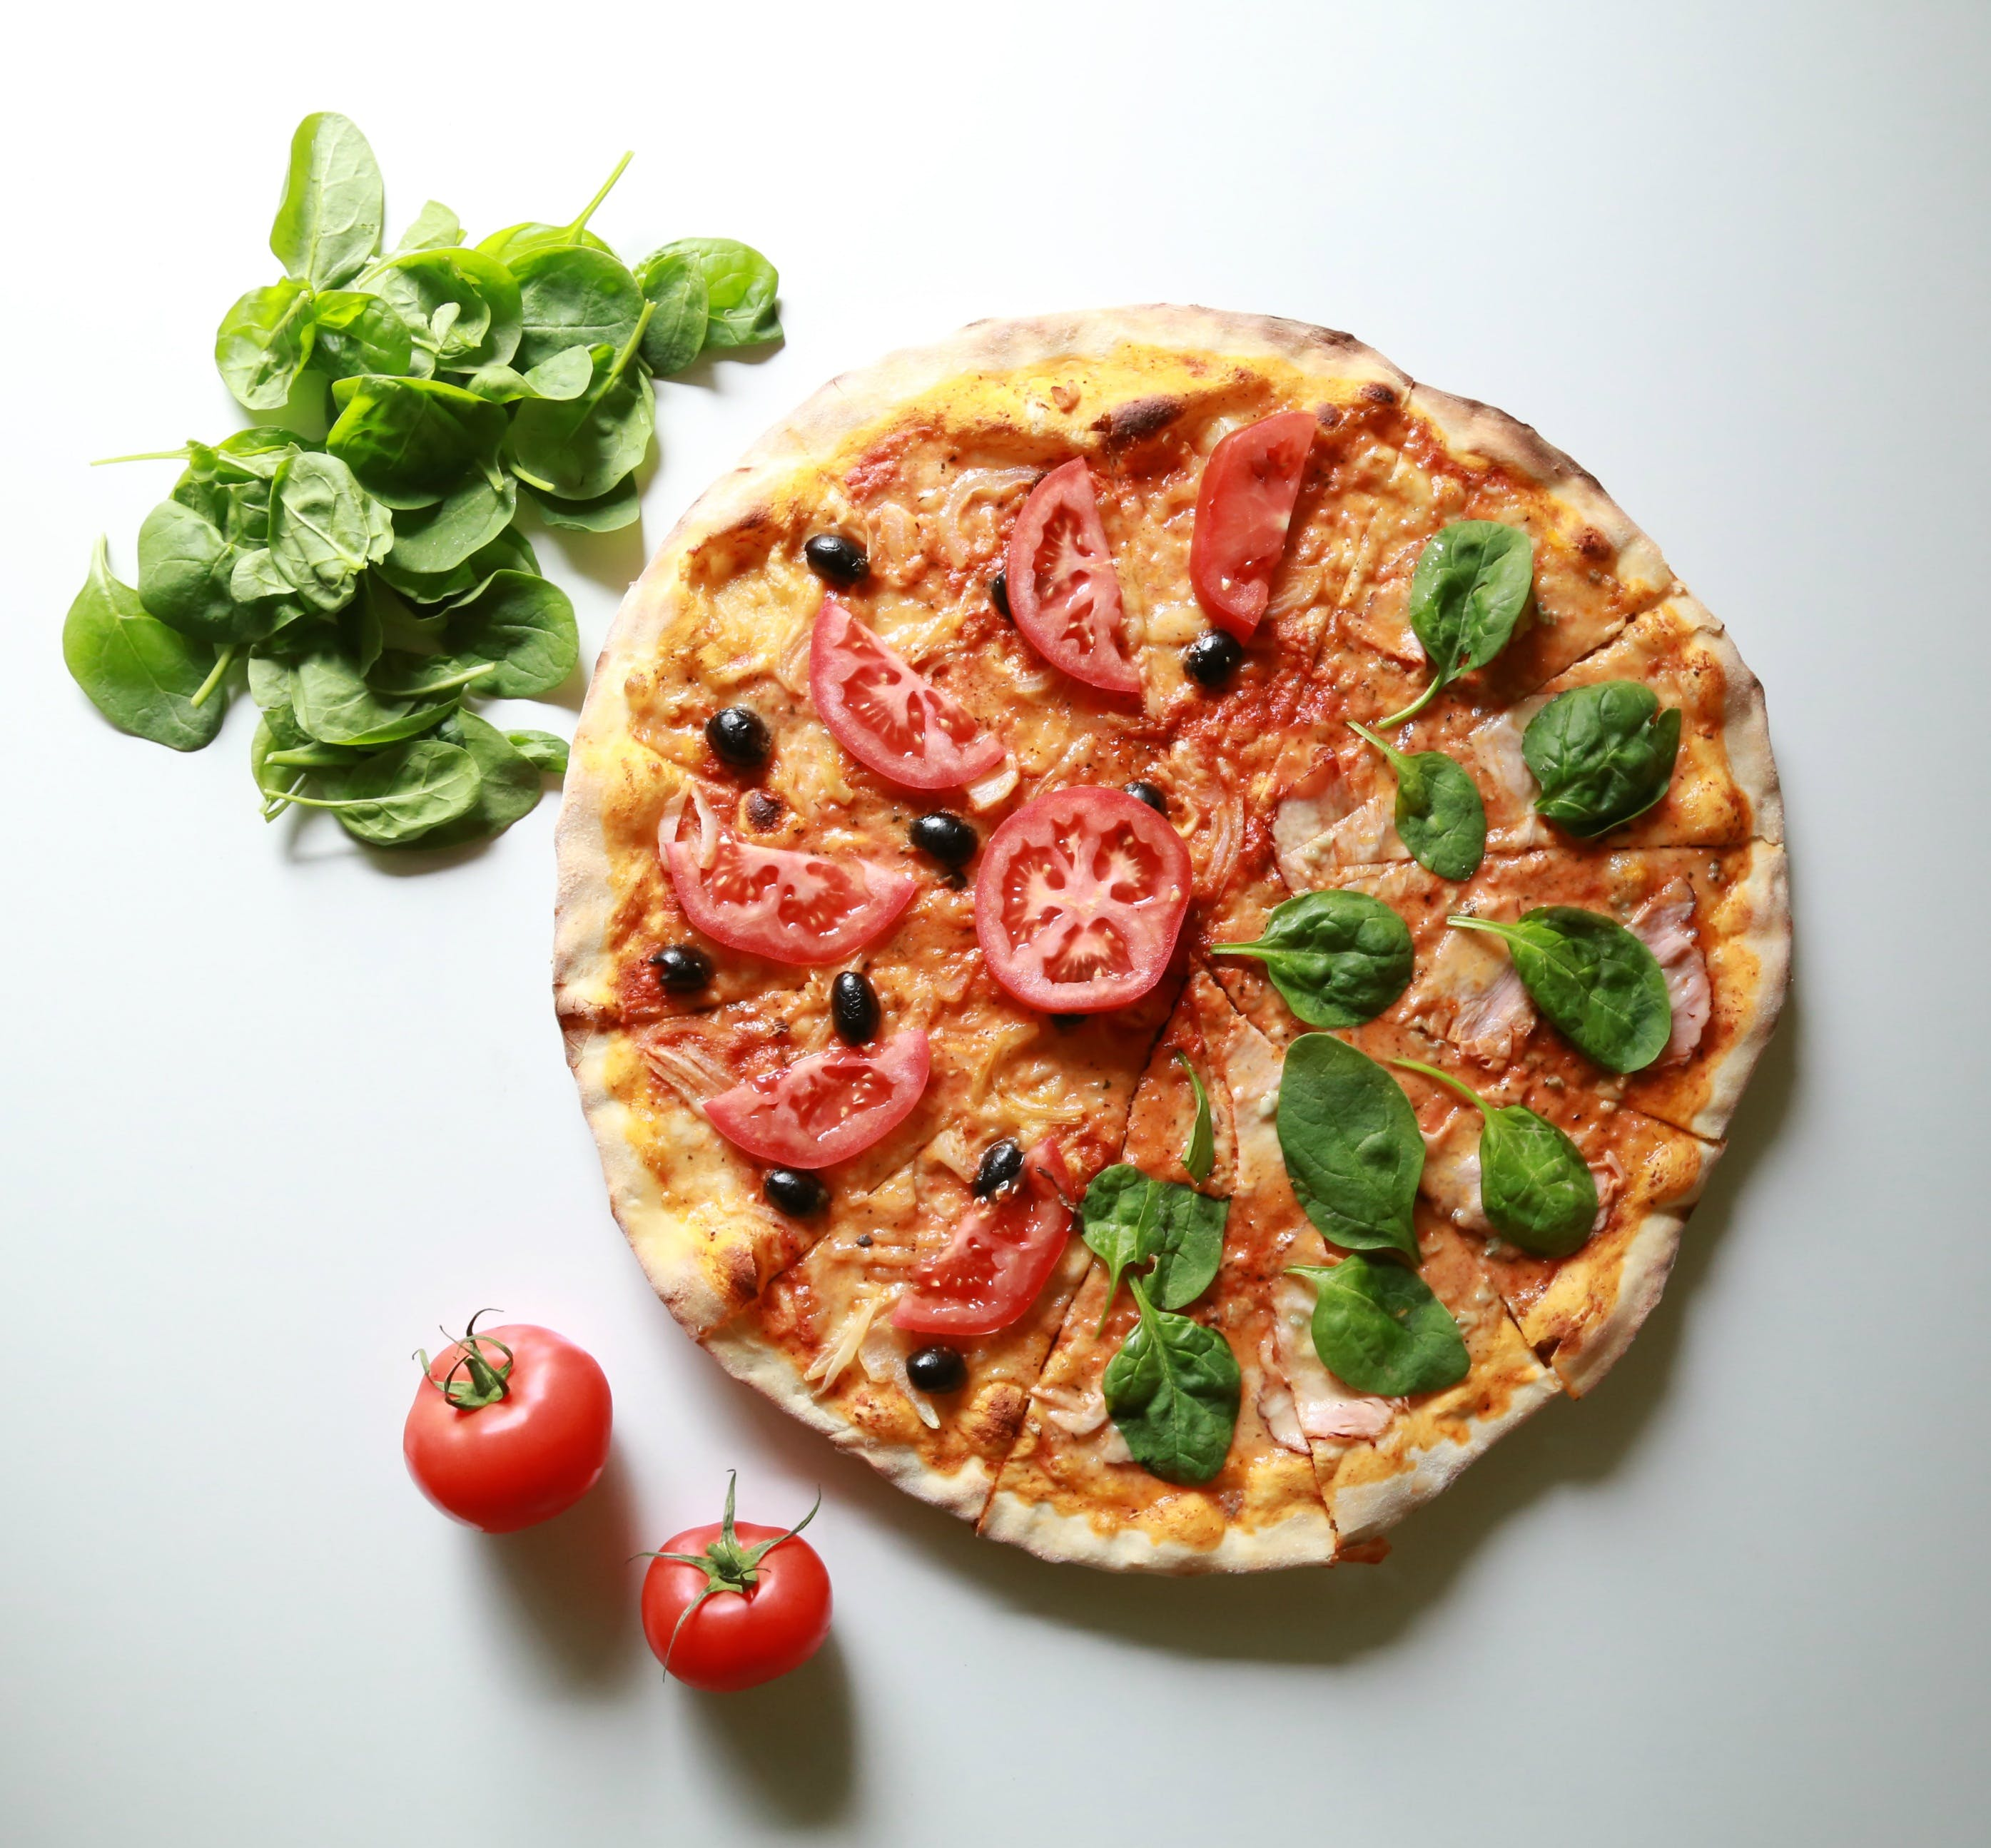 Kostenloses Stock Foto zu essen, kruste, mahlzeit, pizza